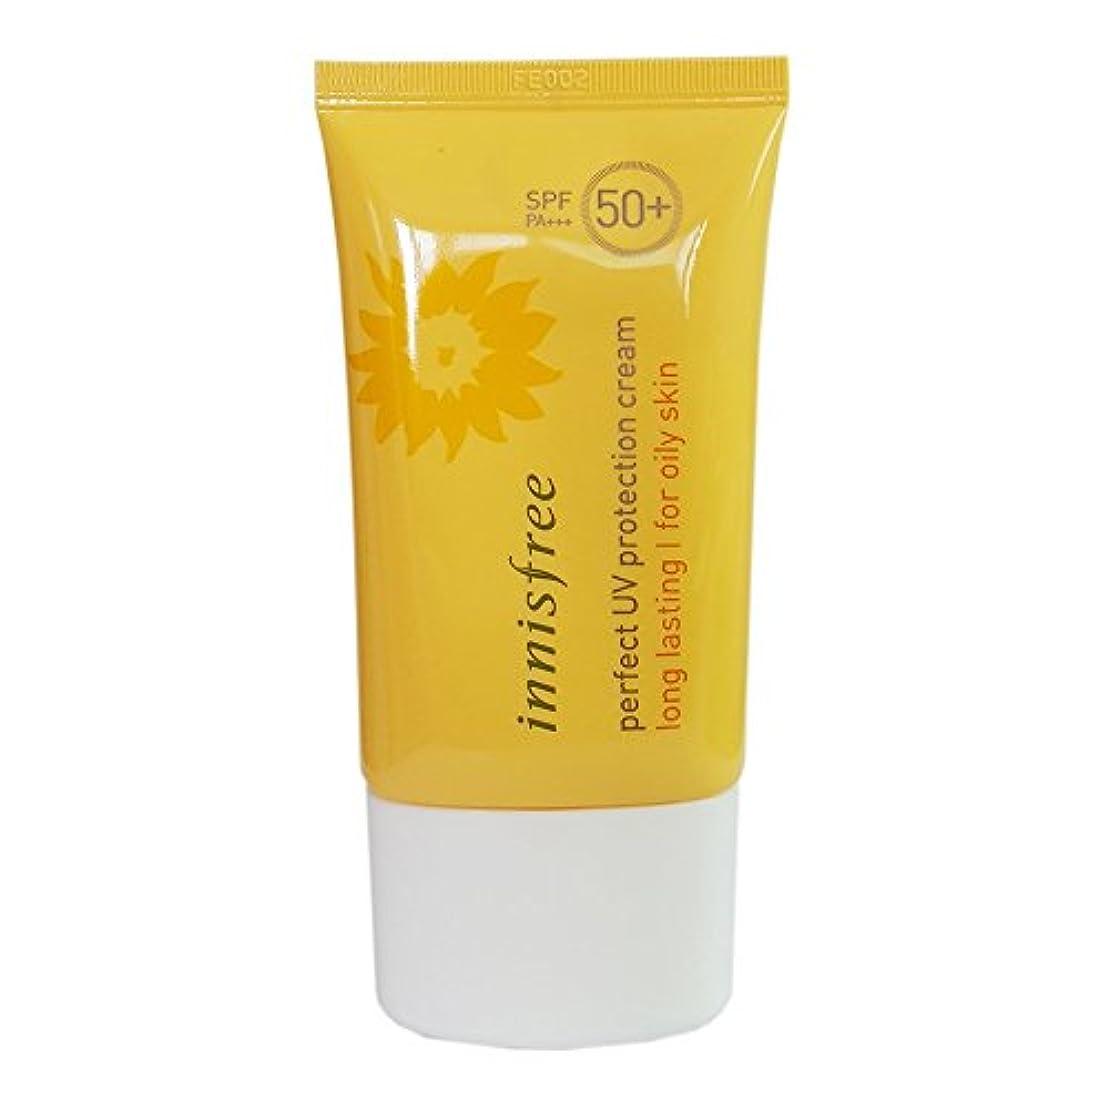 離婚振動させるリアル[イニスプリー]Innisfree パーフェクトUVプロテクションクリームロング?ラスティング 脂複合性肌用 SPF50+PA+++ 50ml Innisfree Perfect UV Protection Cream Long Lasting For Oily skin SPF50+PA+++ 50ml [海外直送品]